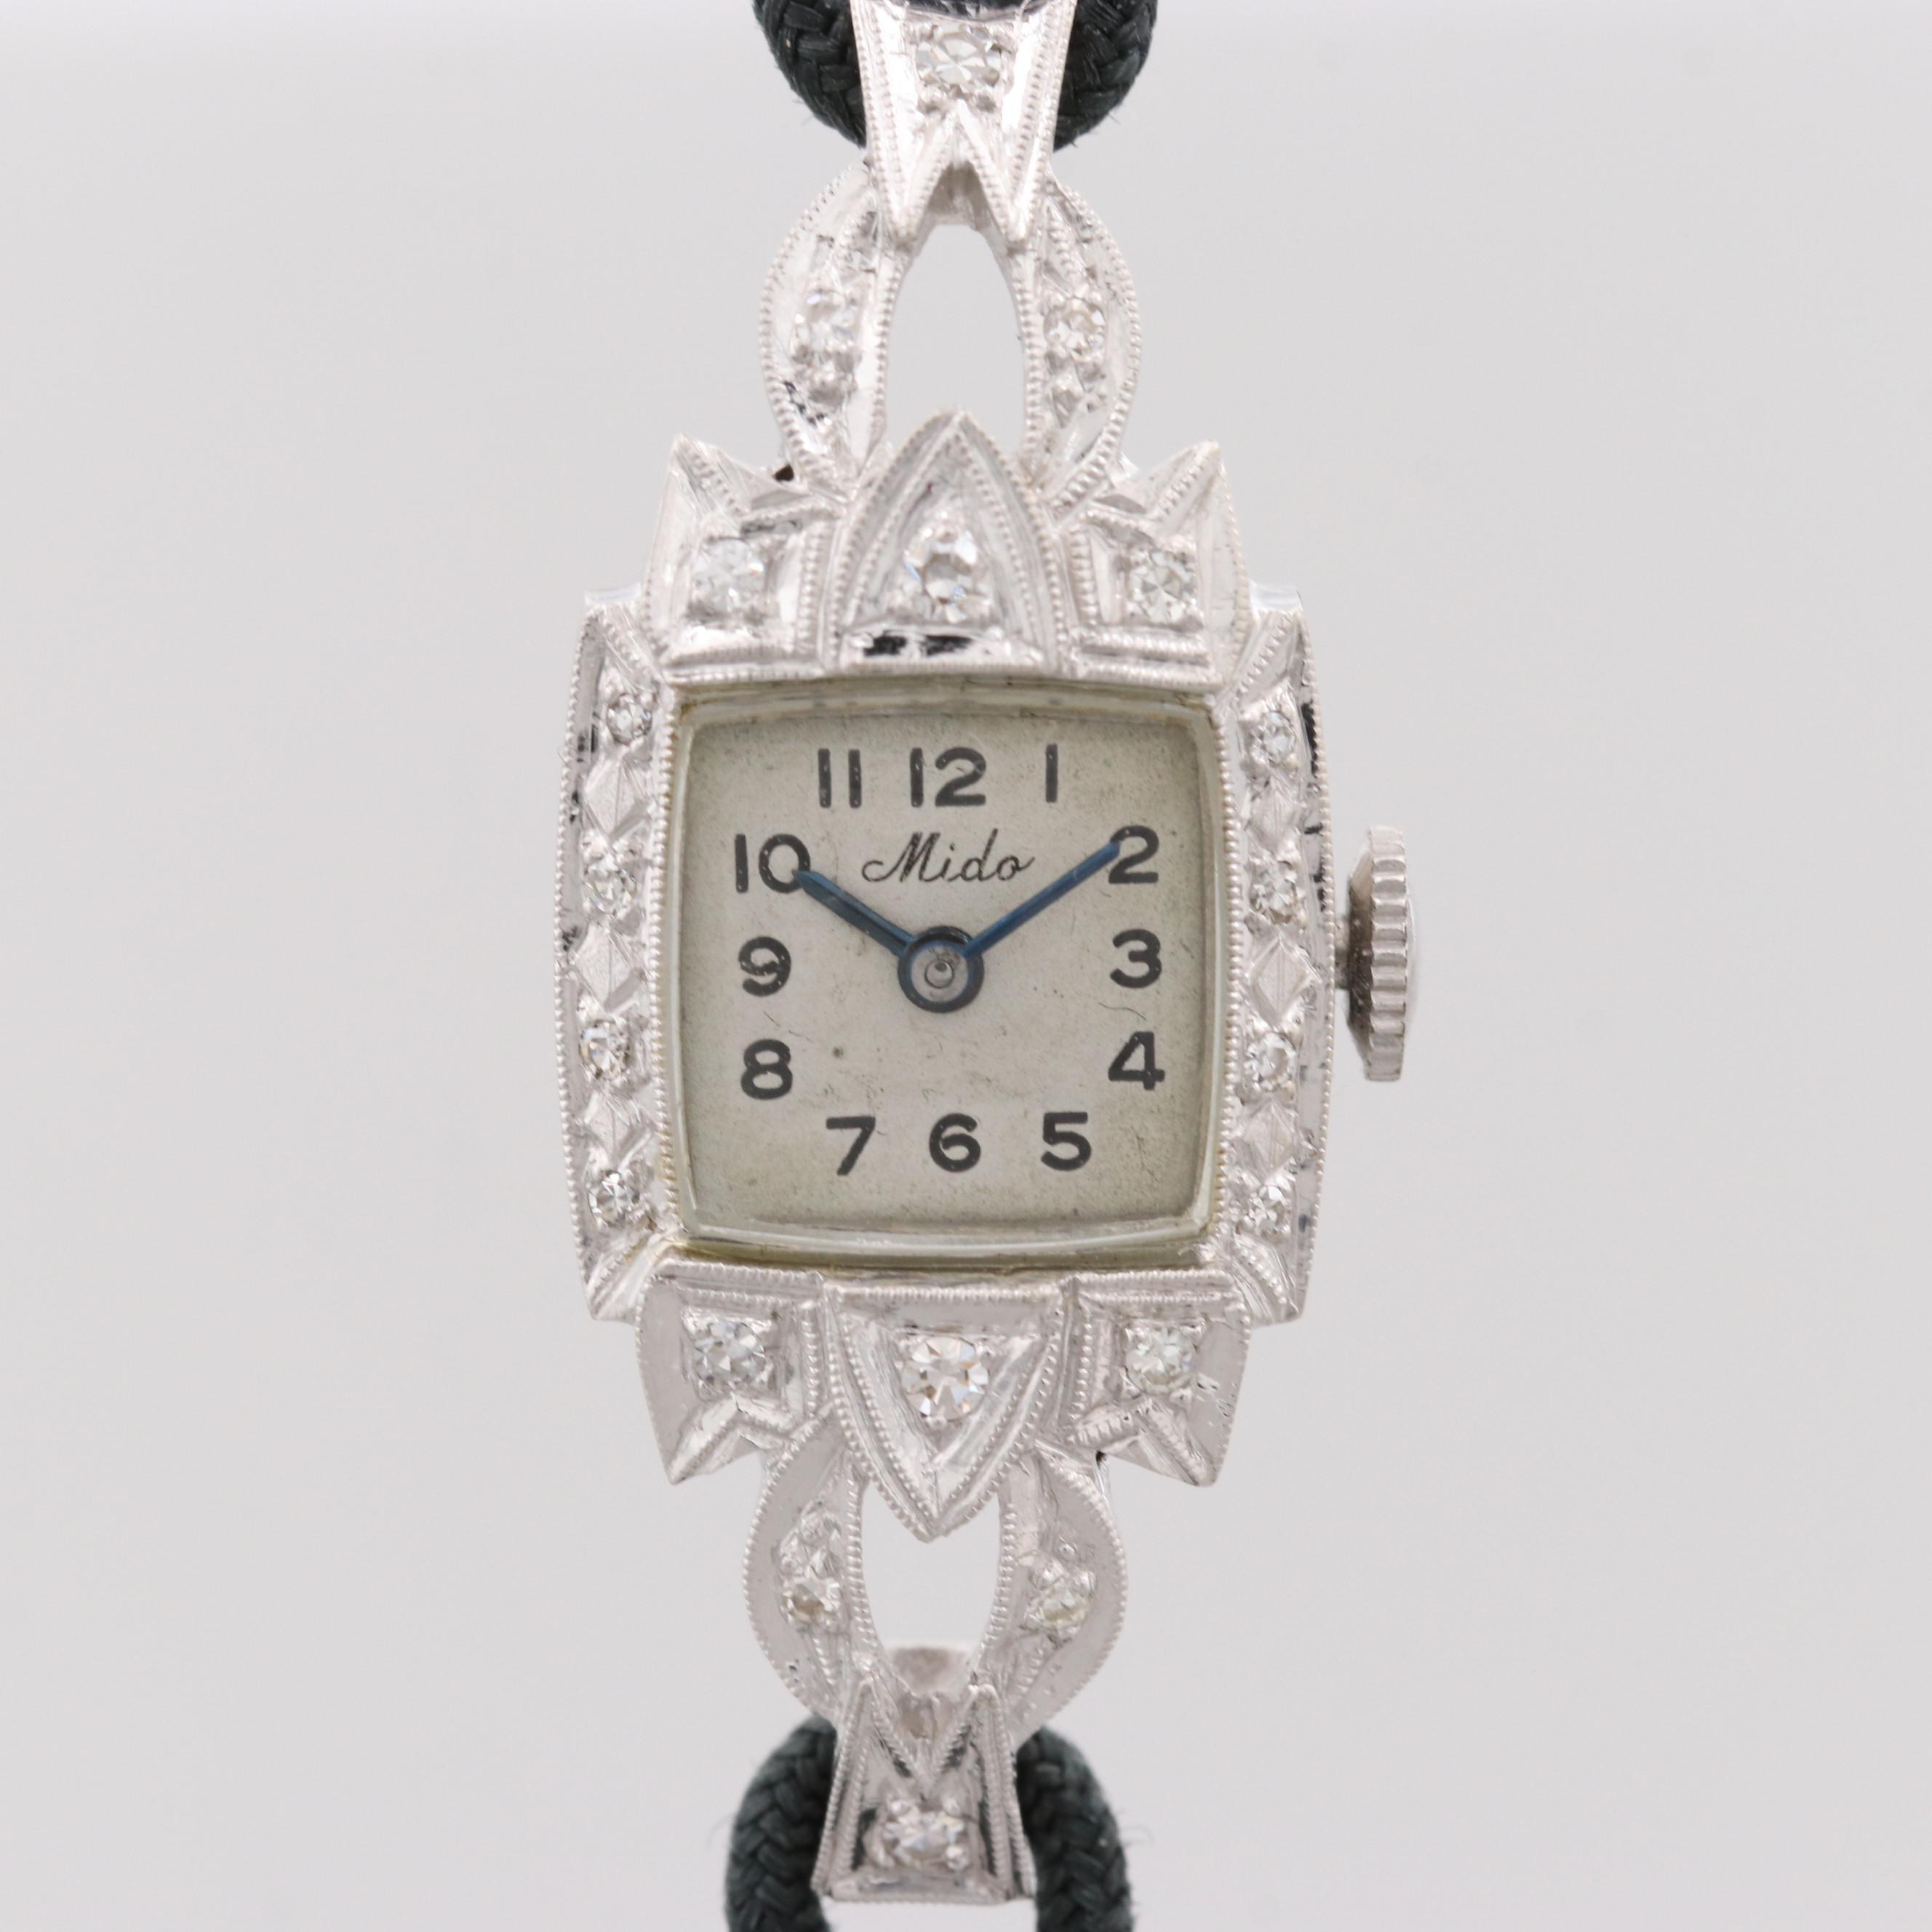 Mido 14K White Gold Swiss Wristwatch With Diamond Bezel and Lugs